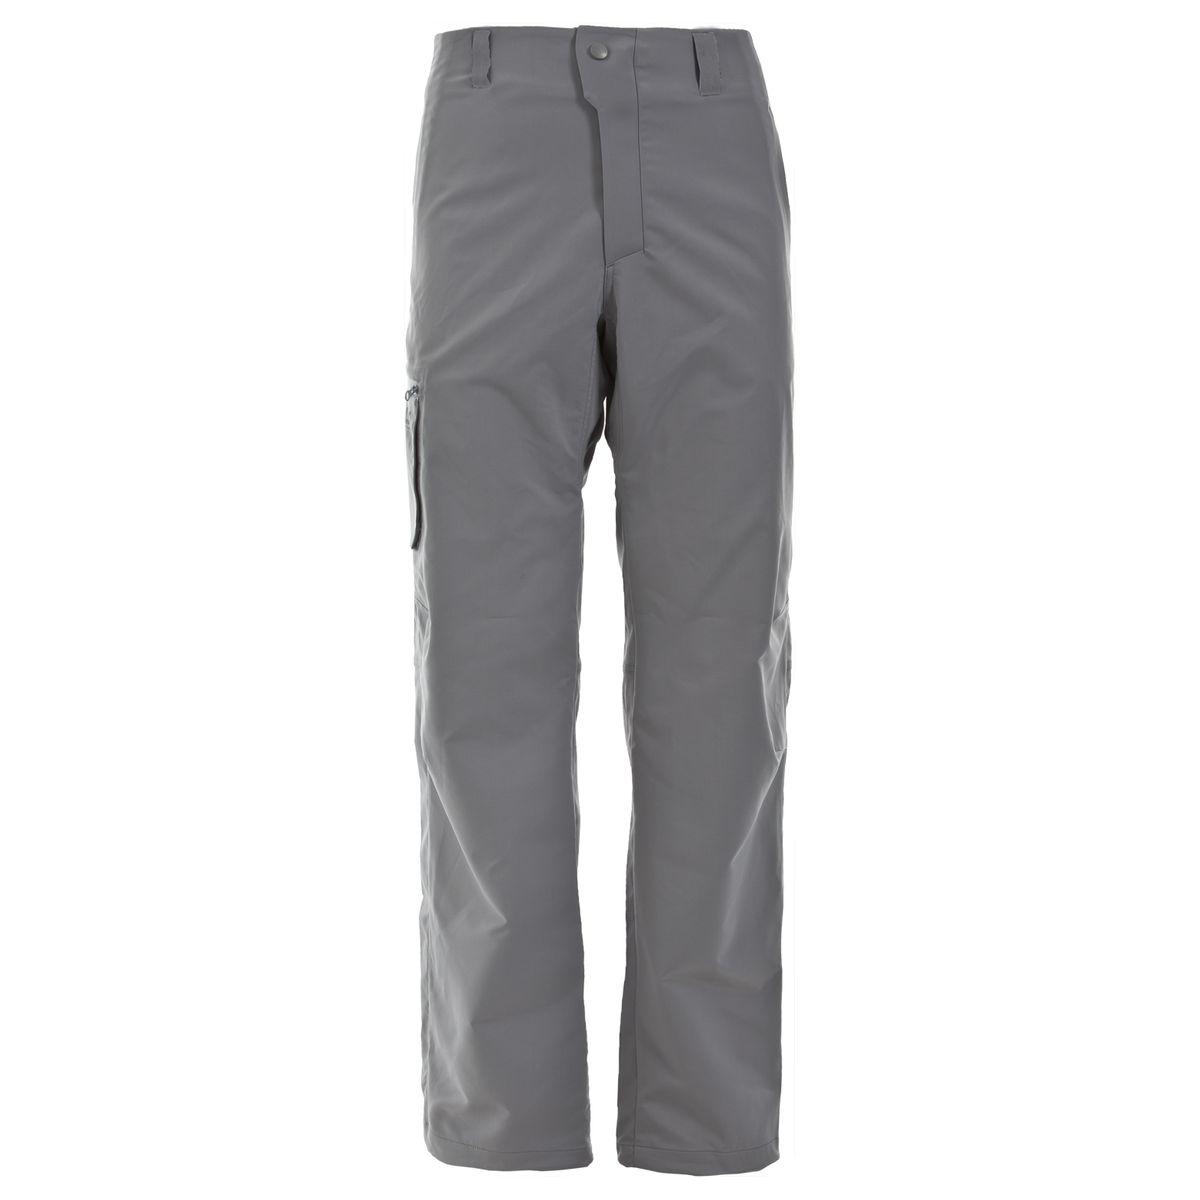 Raelyn pantalon de rando DLX femmes